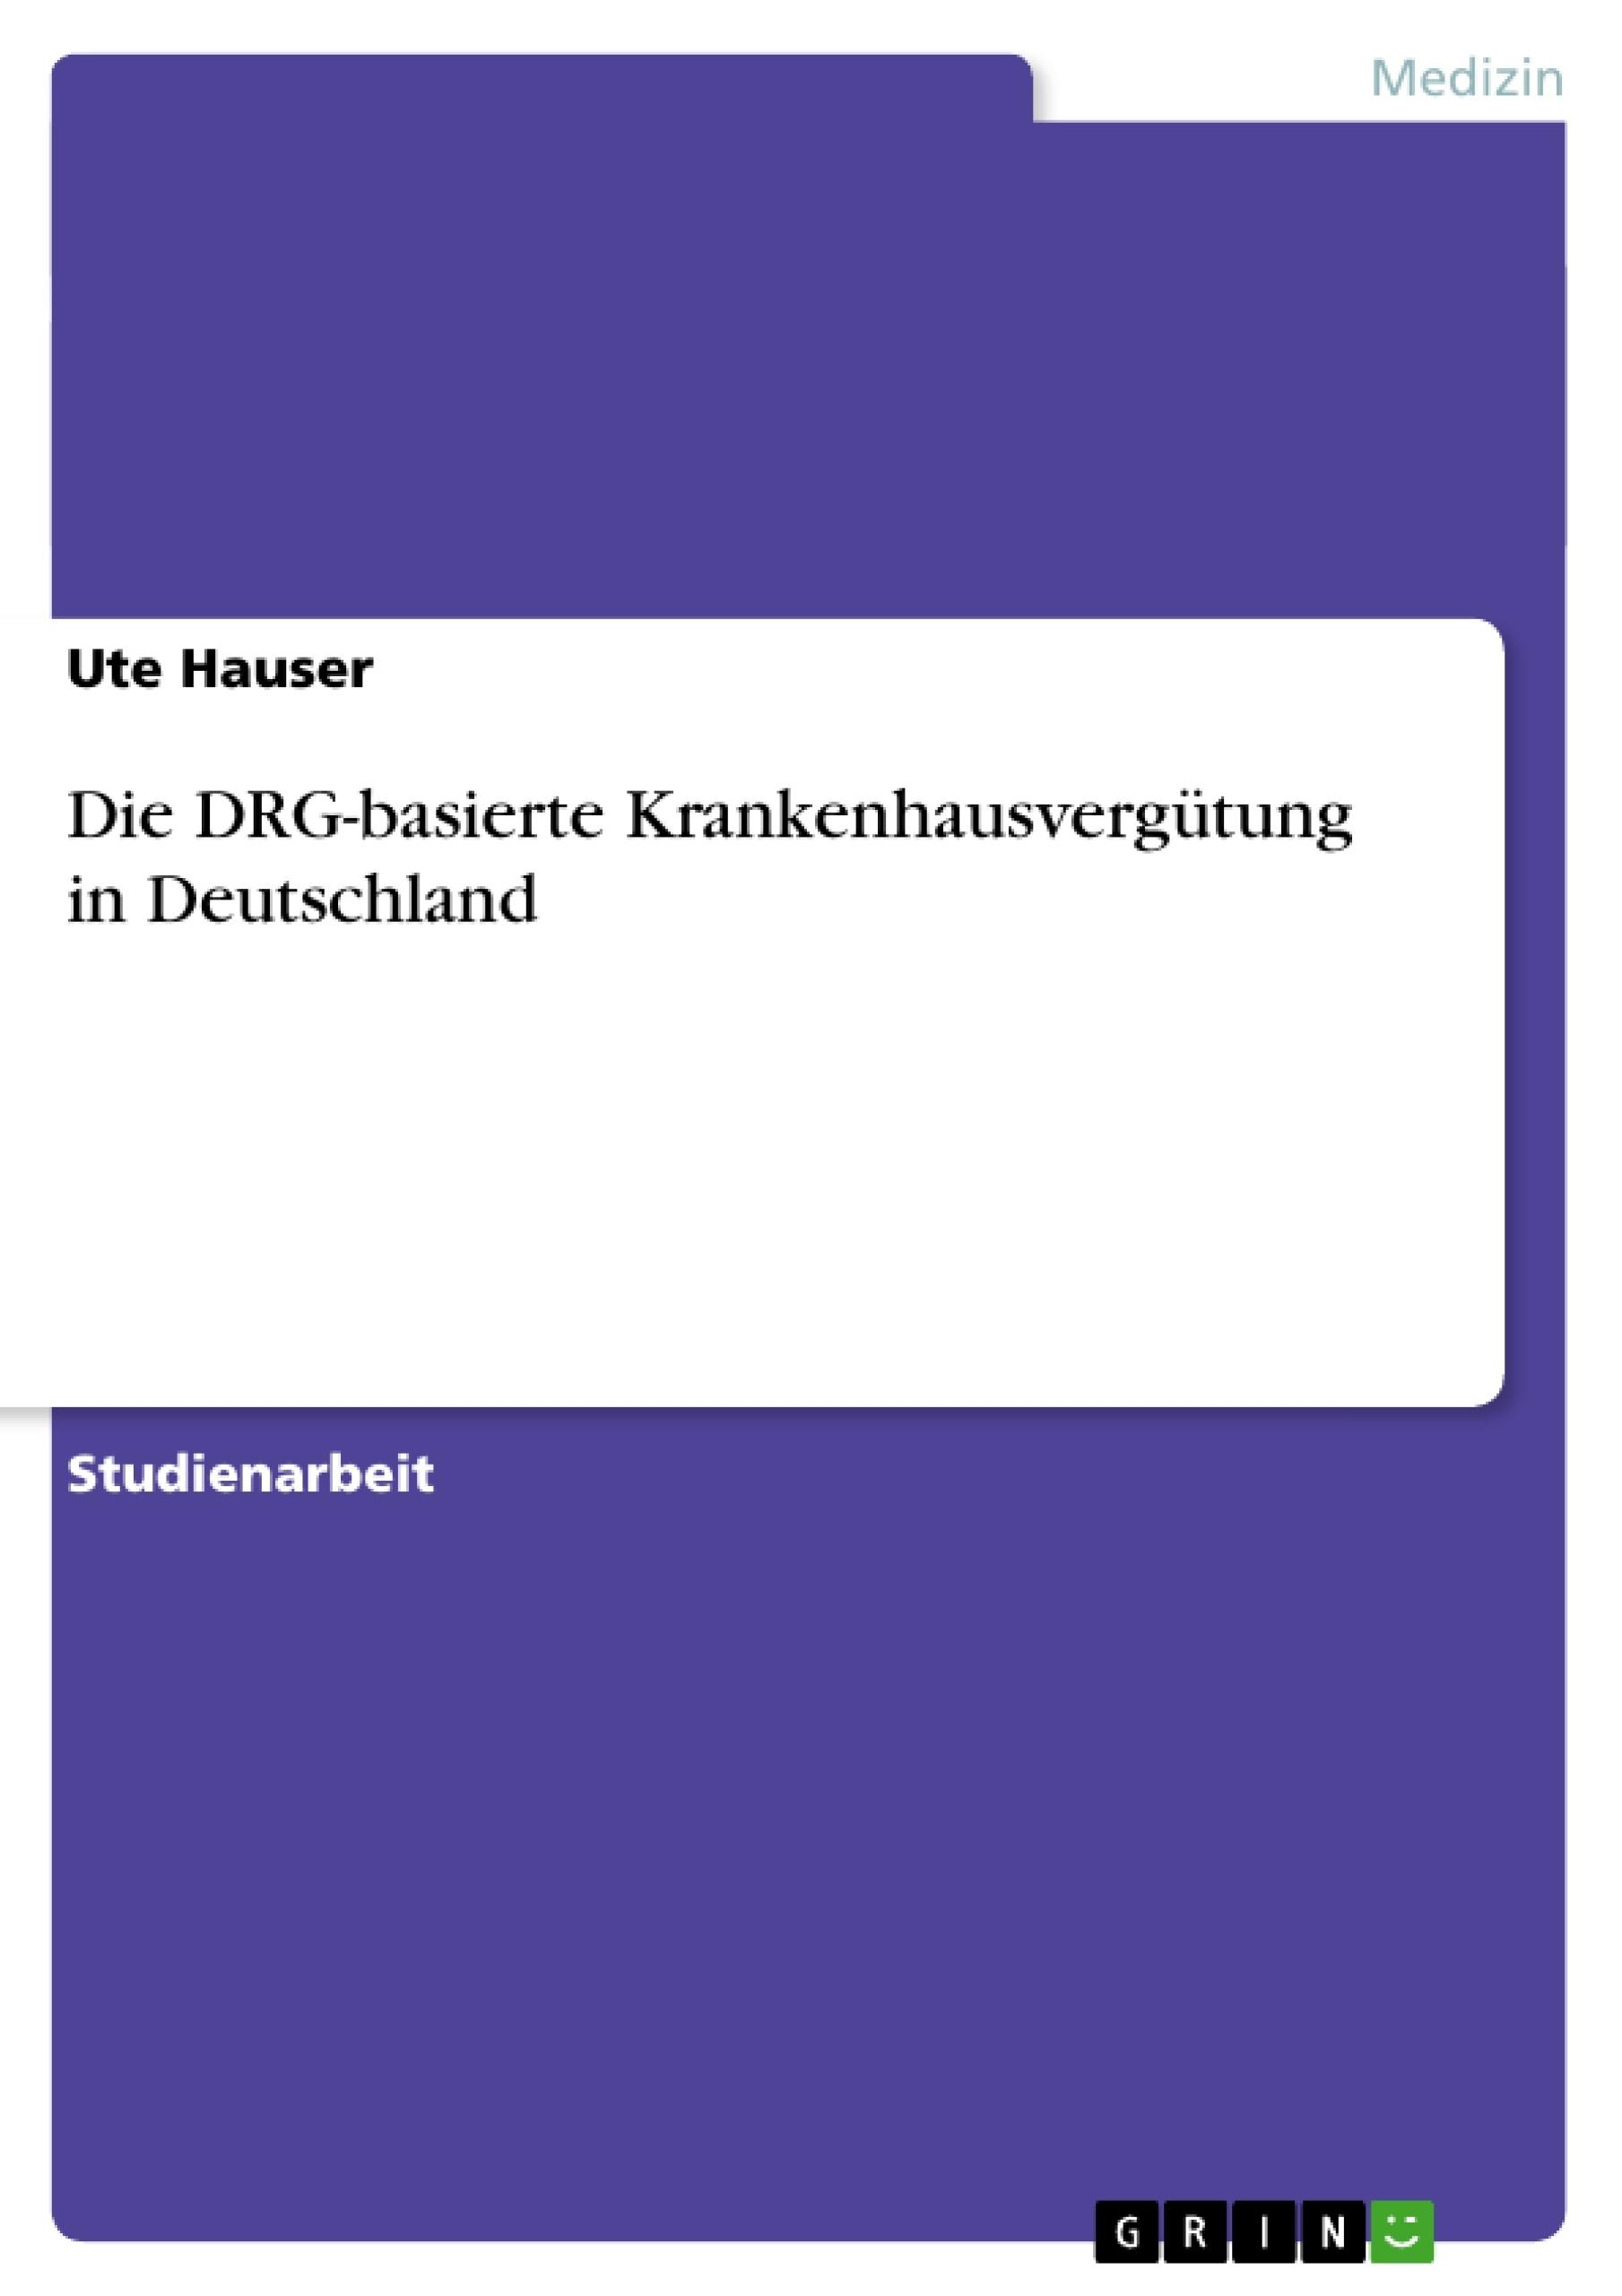 Titel: Die DRG-basierte Krankenhausvergütung in Deutschland